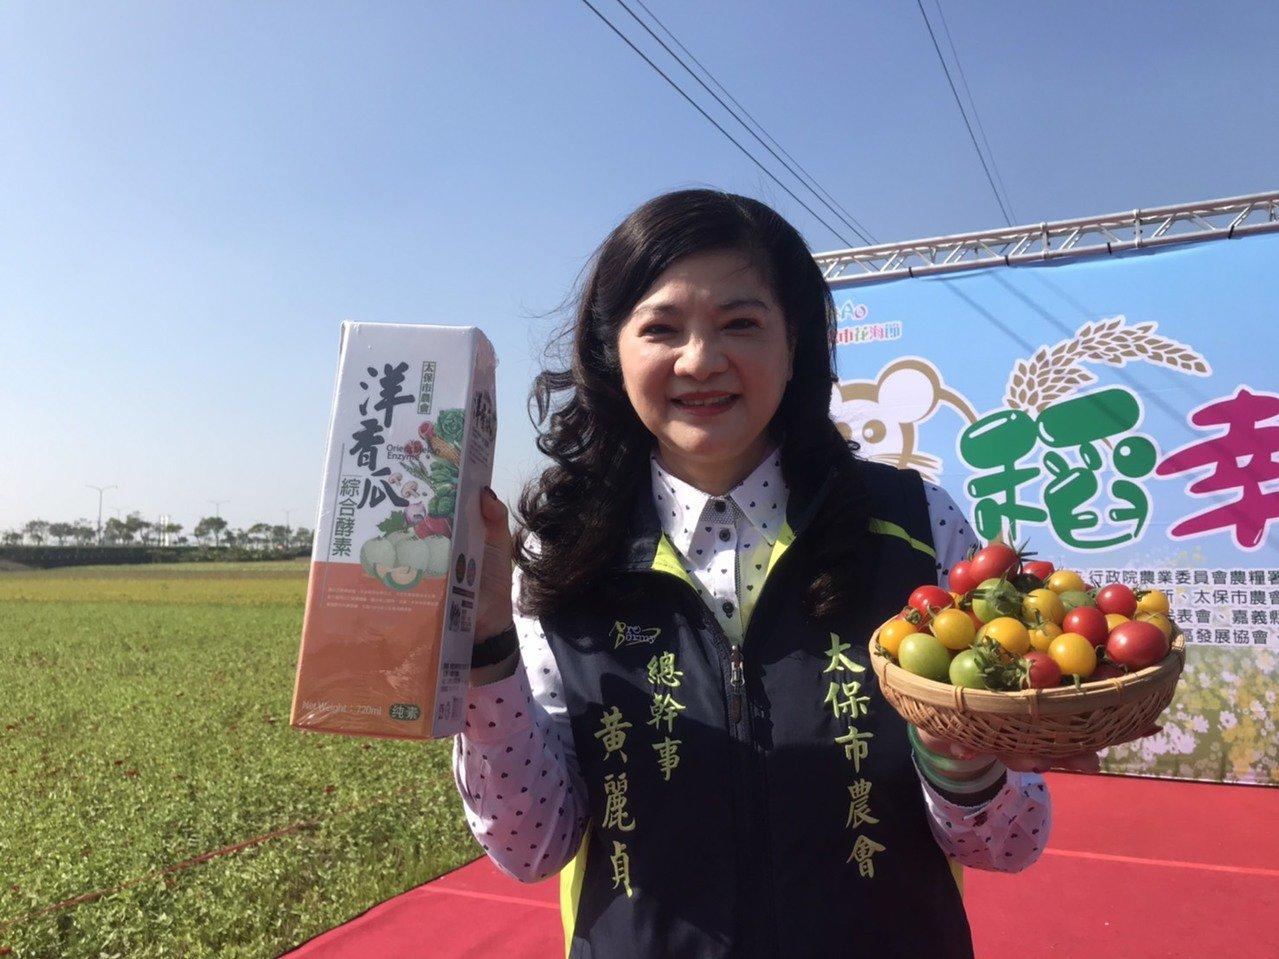 太保市農會總幹事黃麗貞,介紹農會新產品「洋香瓜酵素」,供民眾作為年節伴手禮的最佳...